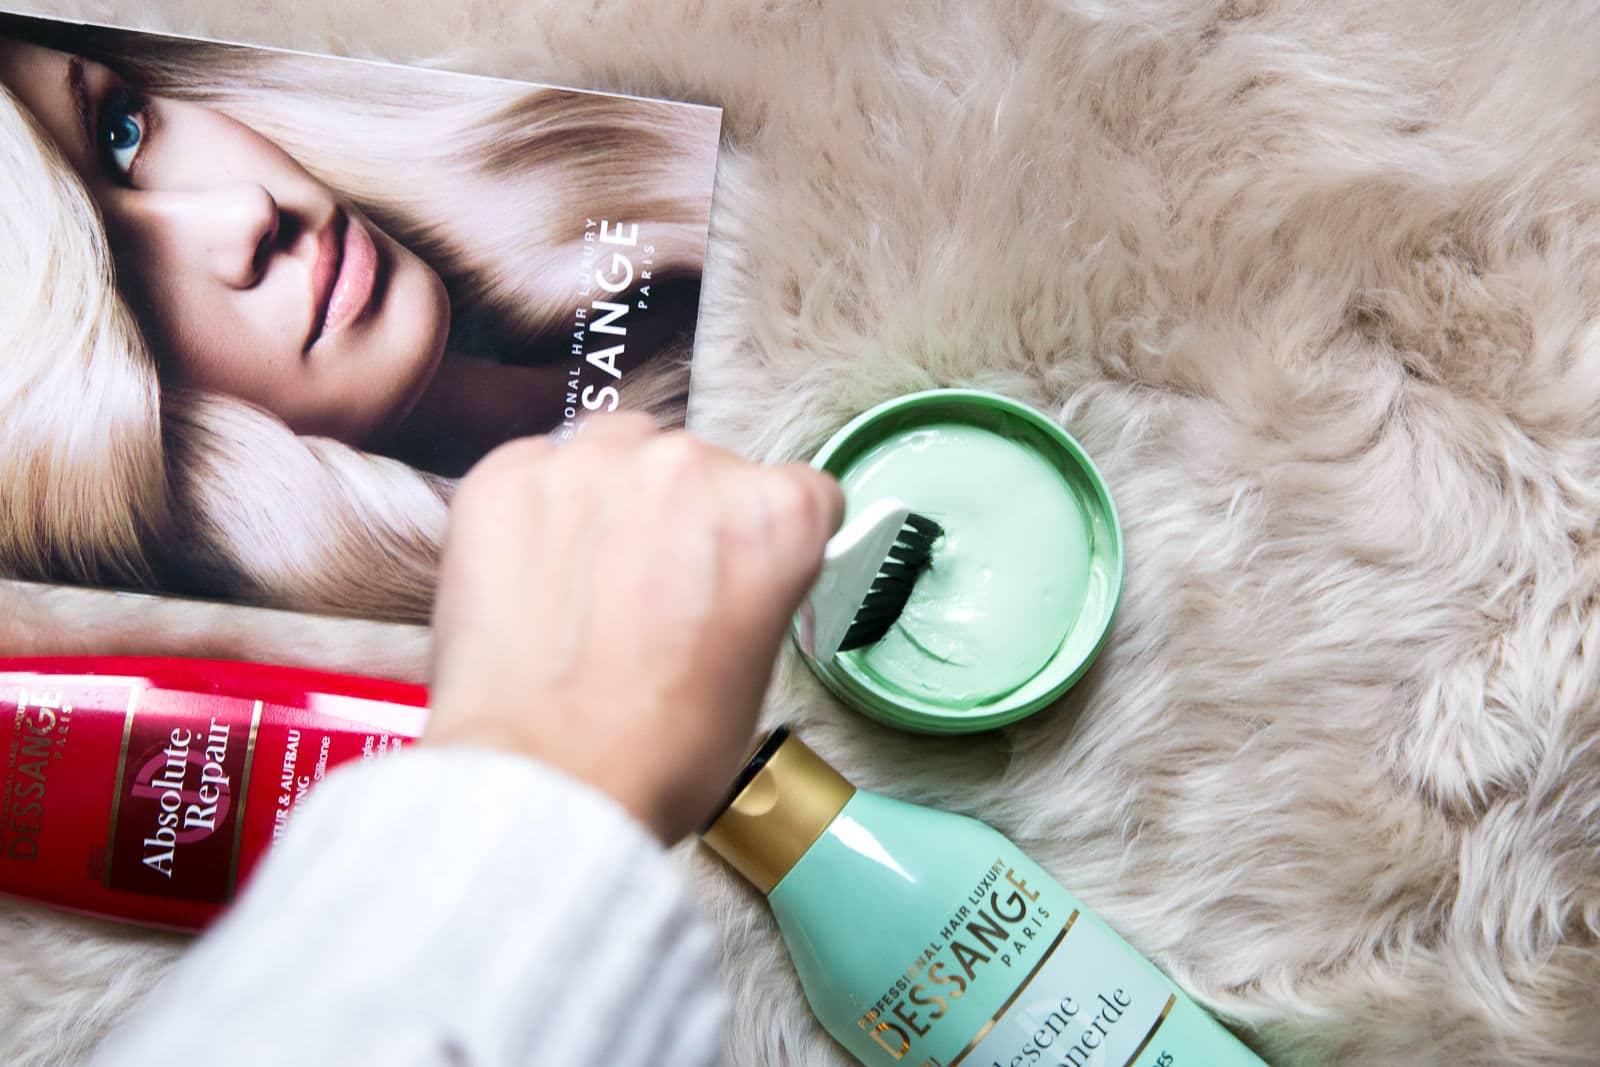 DESSANGE Professional Hair Luxury: Überblick aller Serien